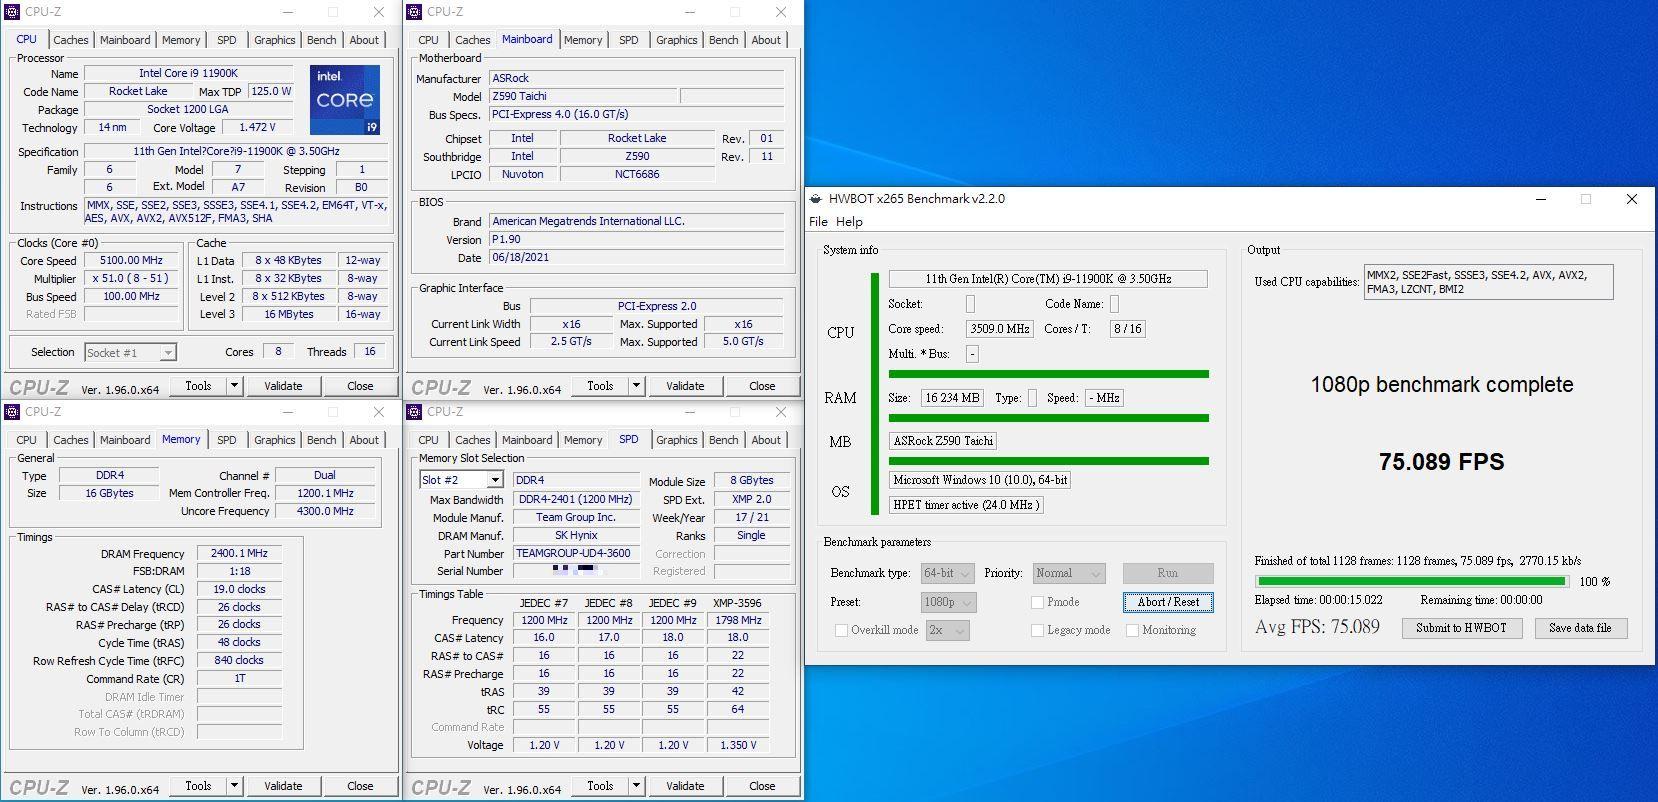 十銓T-FORCE XTREEM ARGB DDR4-3600 White Edition超頻記憶體-超美雪...6500